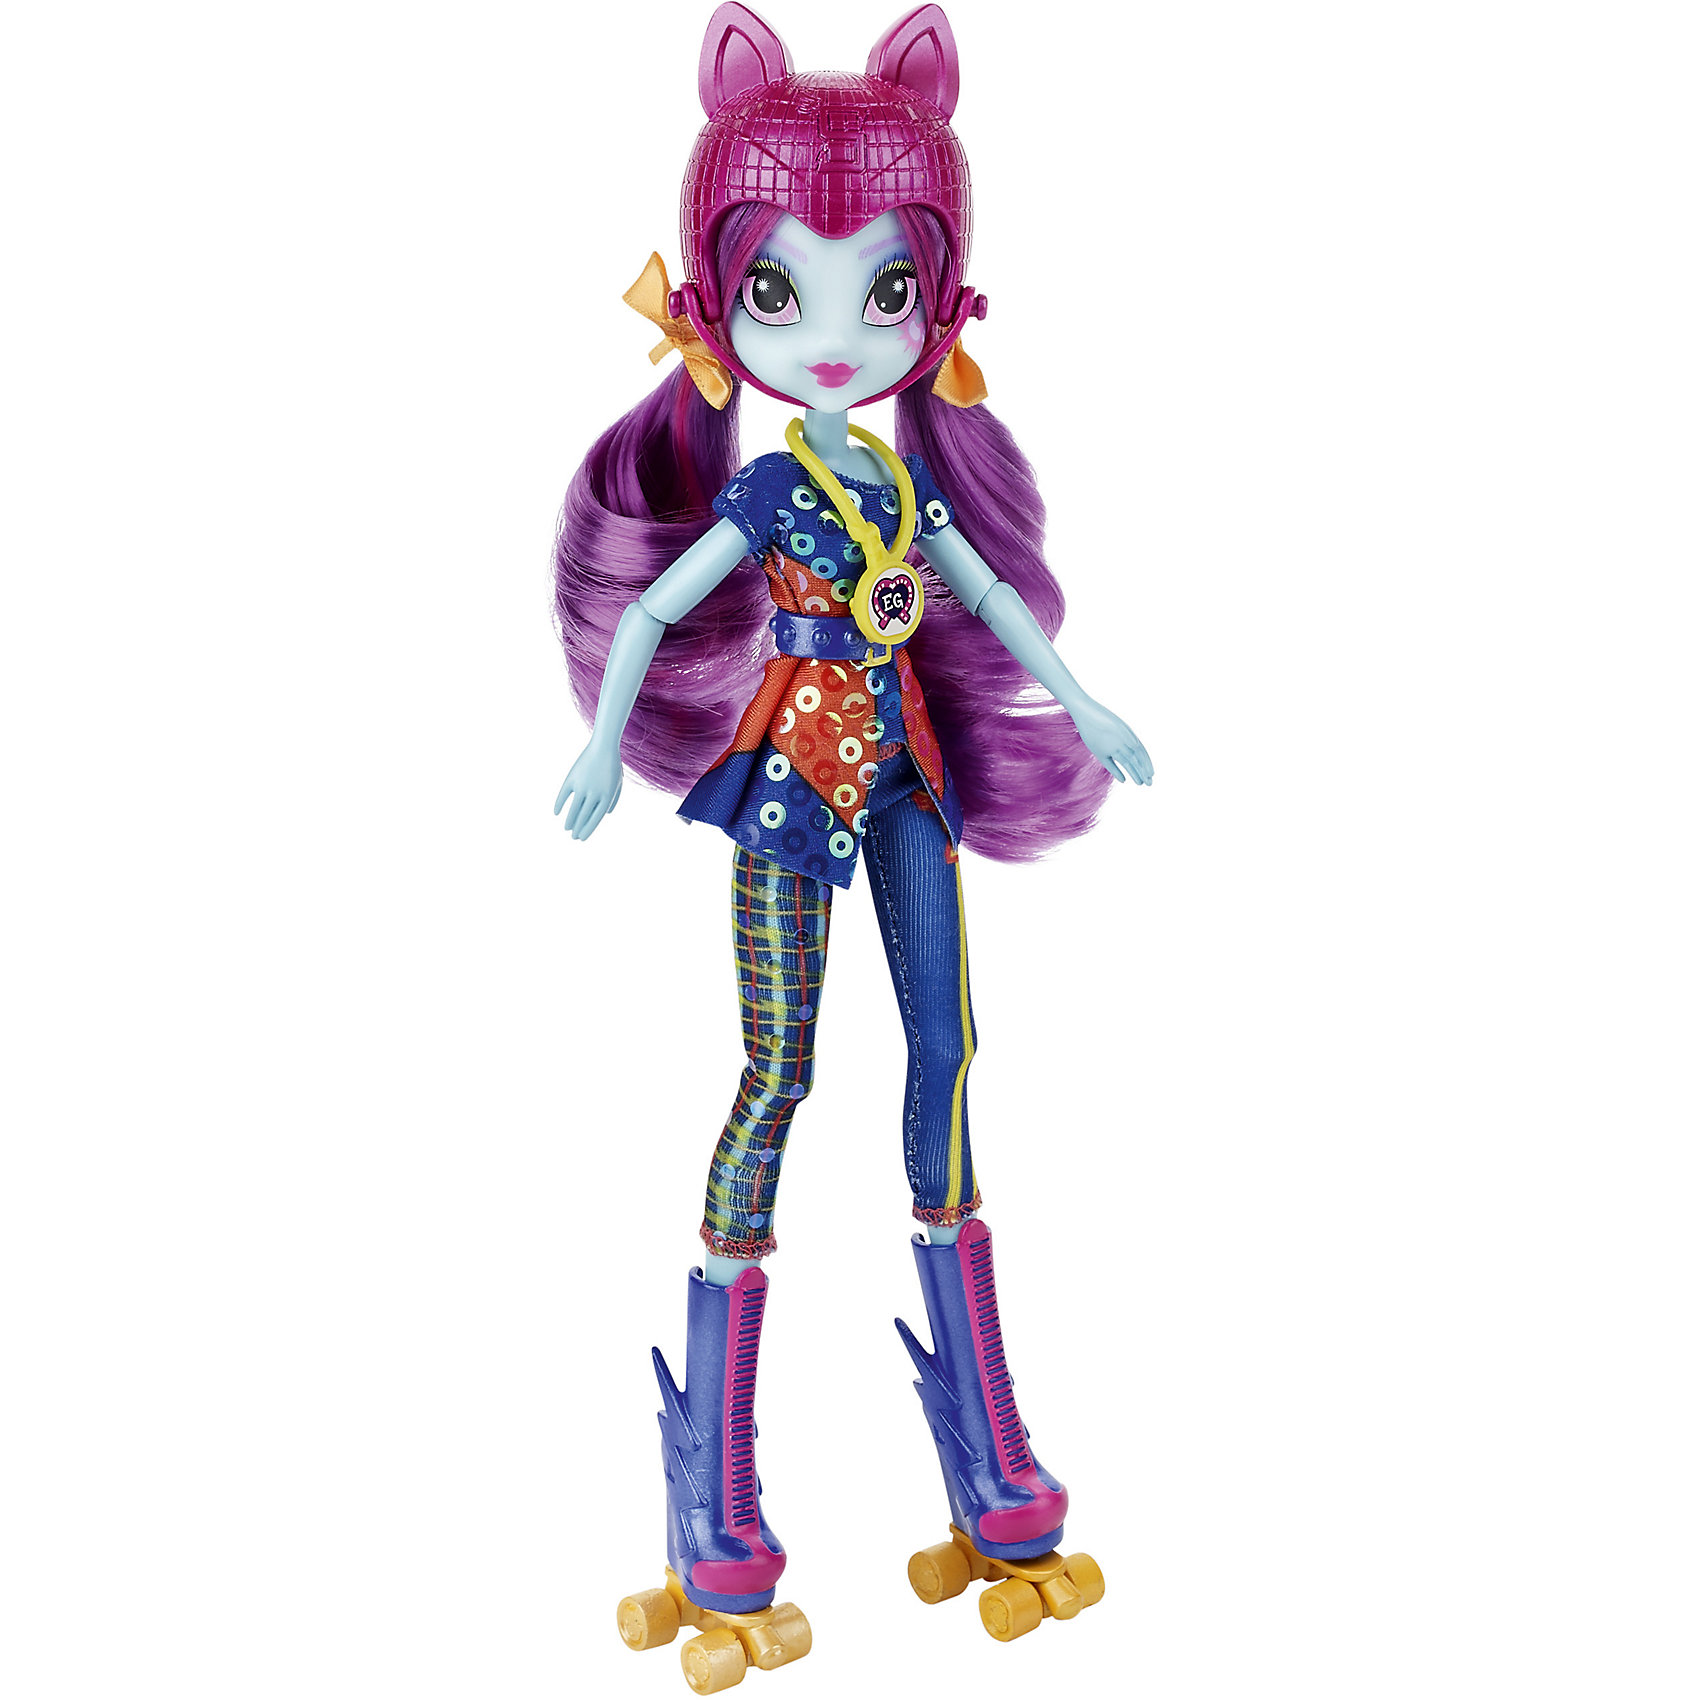 Hasbro Кукла Шедоуболт, с аксессуарами, Эквестрия герлз, B1772/B5683 куклы gulliver кукла дынька 30см